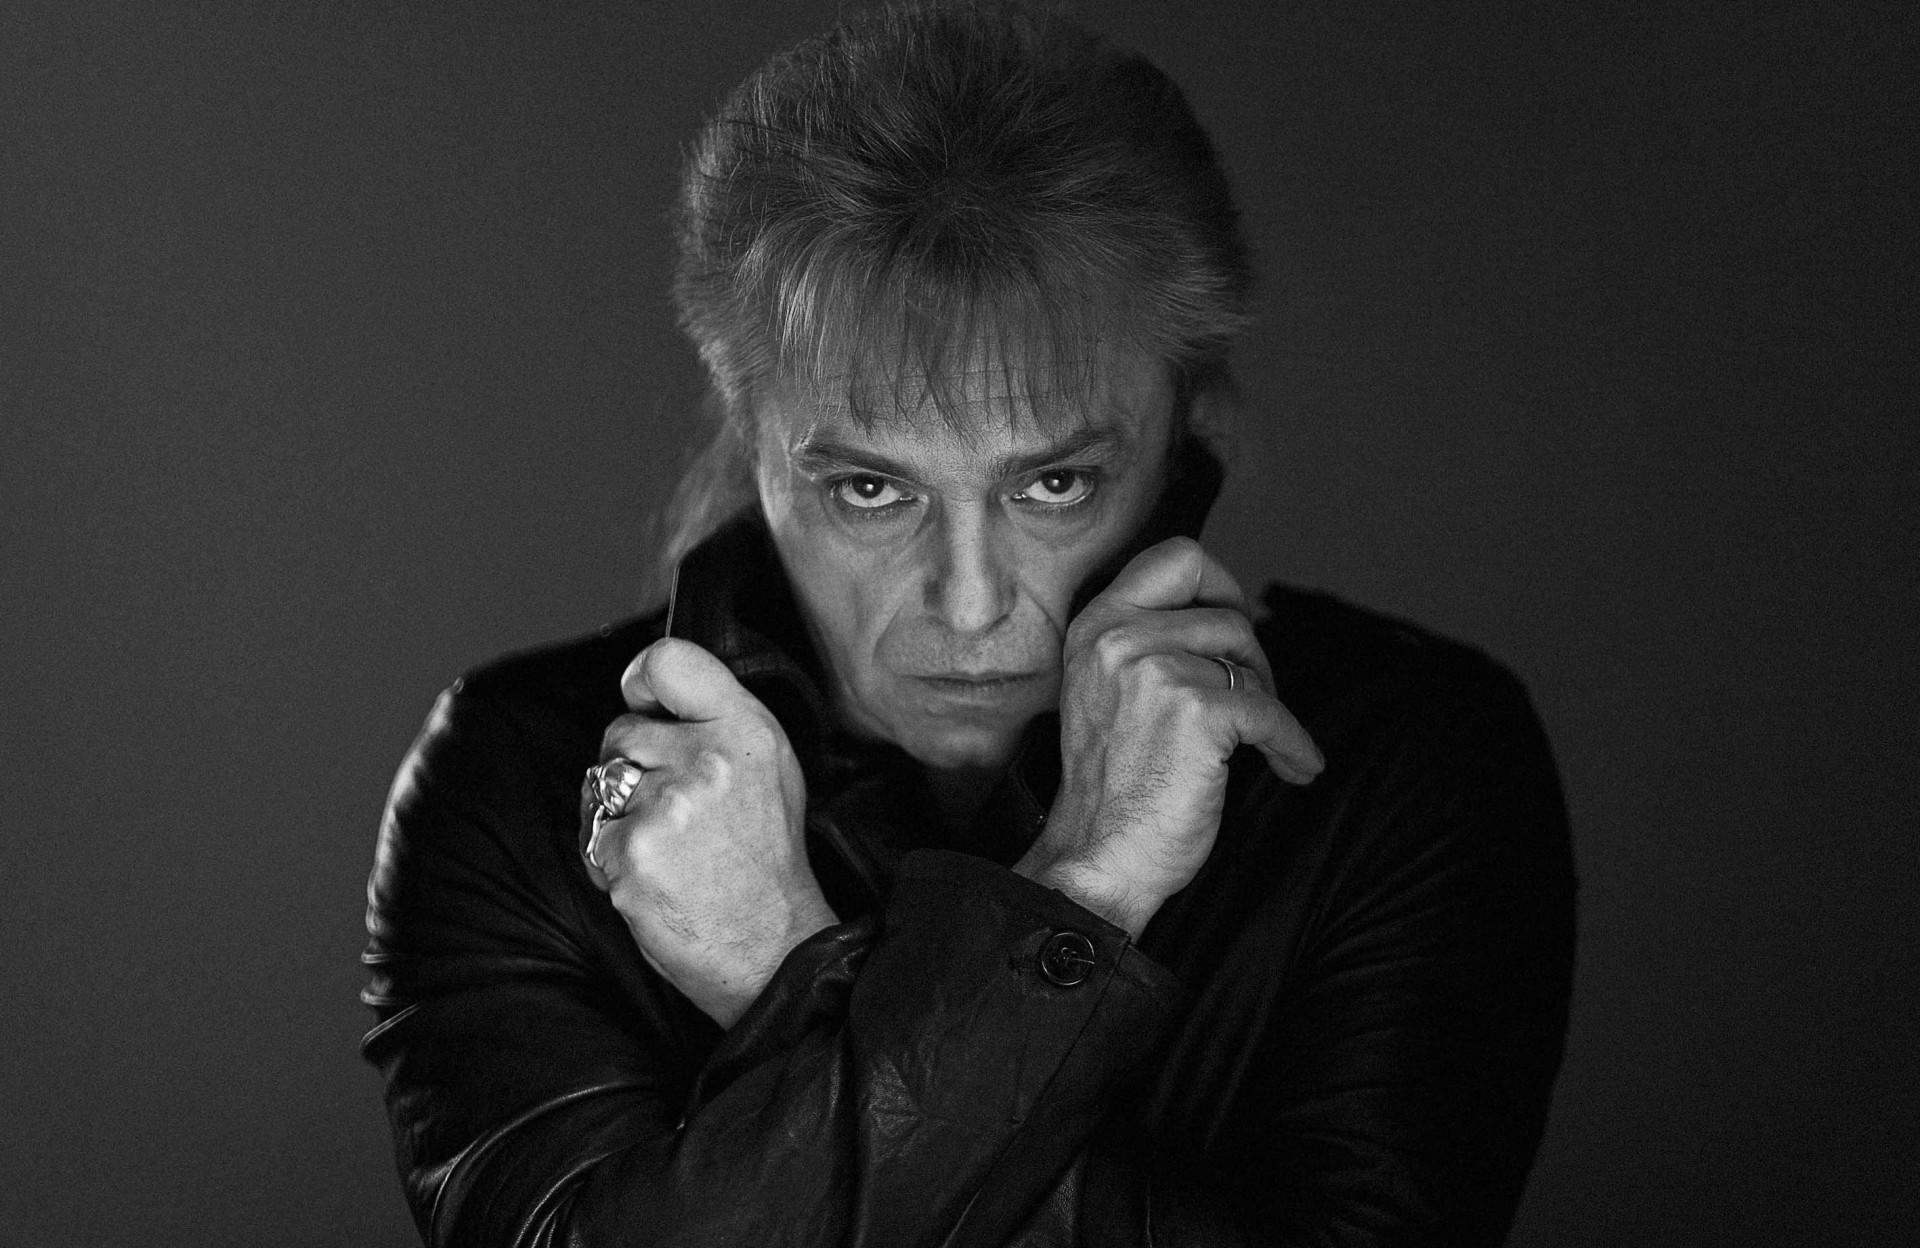 Константин Кинчев, 2008